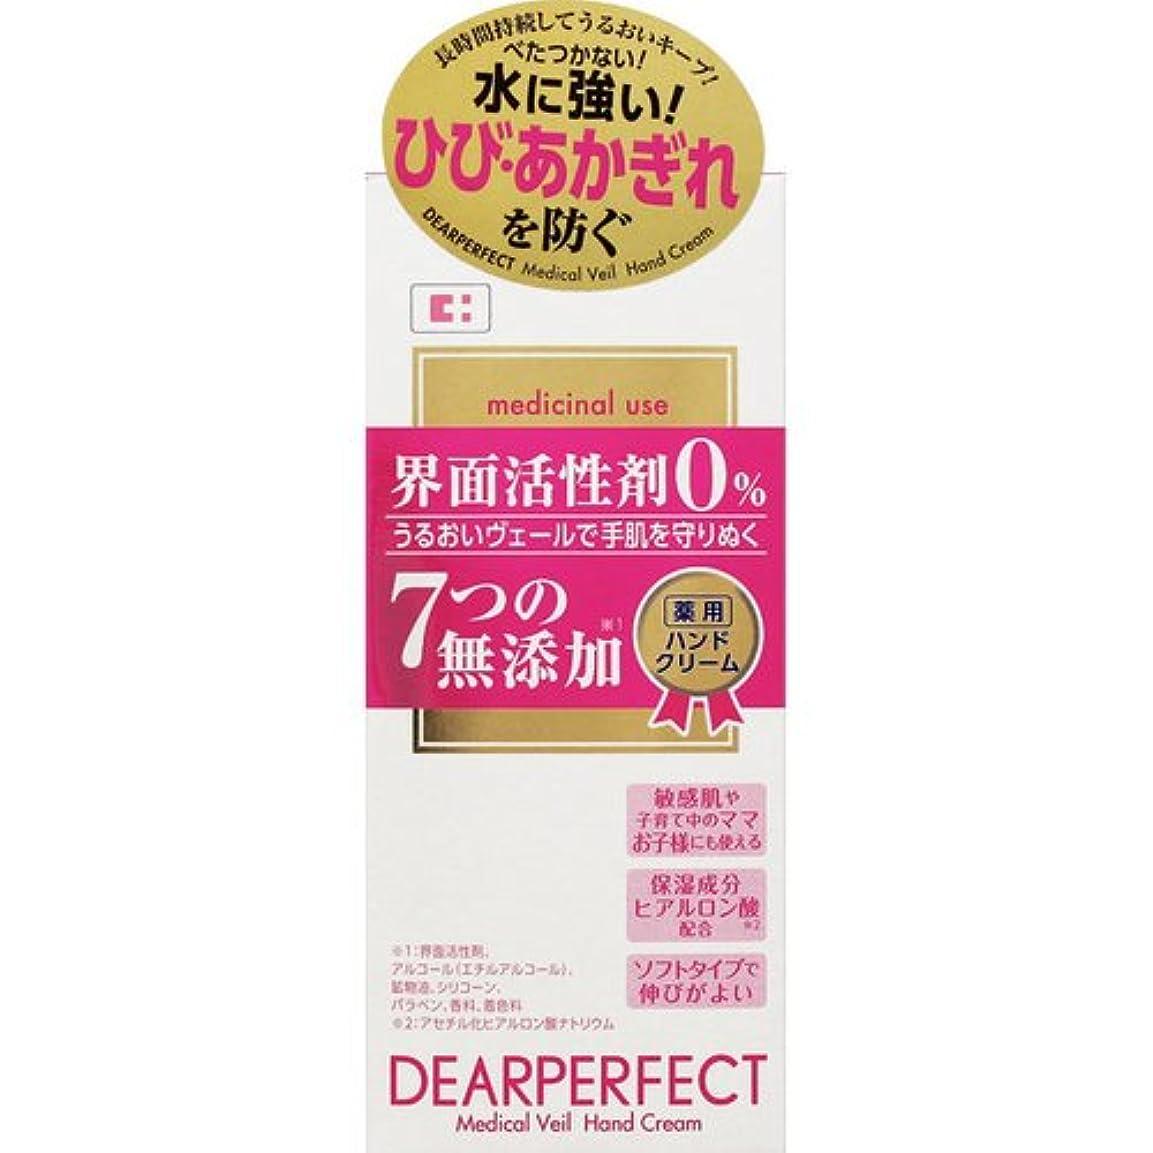 居住者コミュニケーション褒賞ディアパーフェクト 薬用ハンドクリーム 40g [医薬部外品]